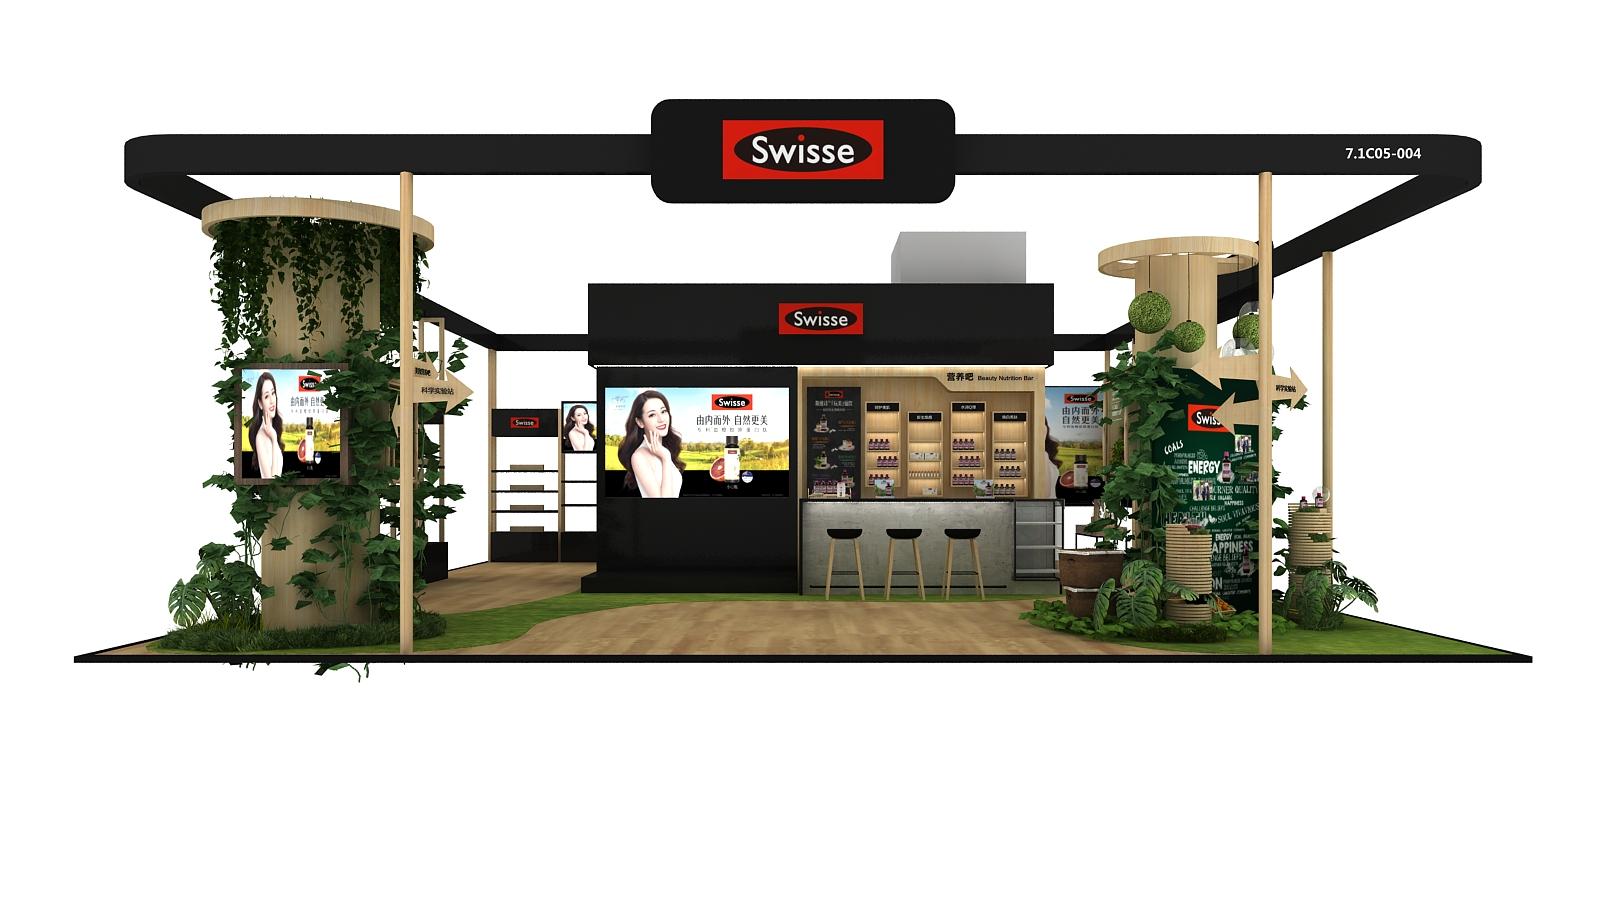 Swisse-2020年第三届进博会展台设计案例